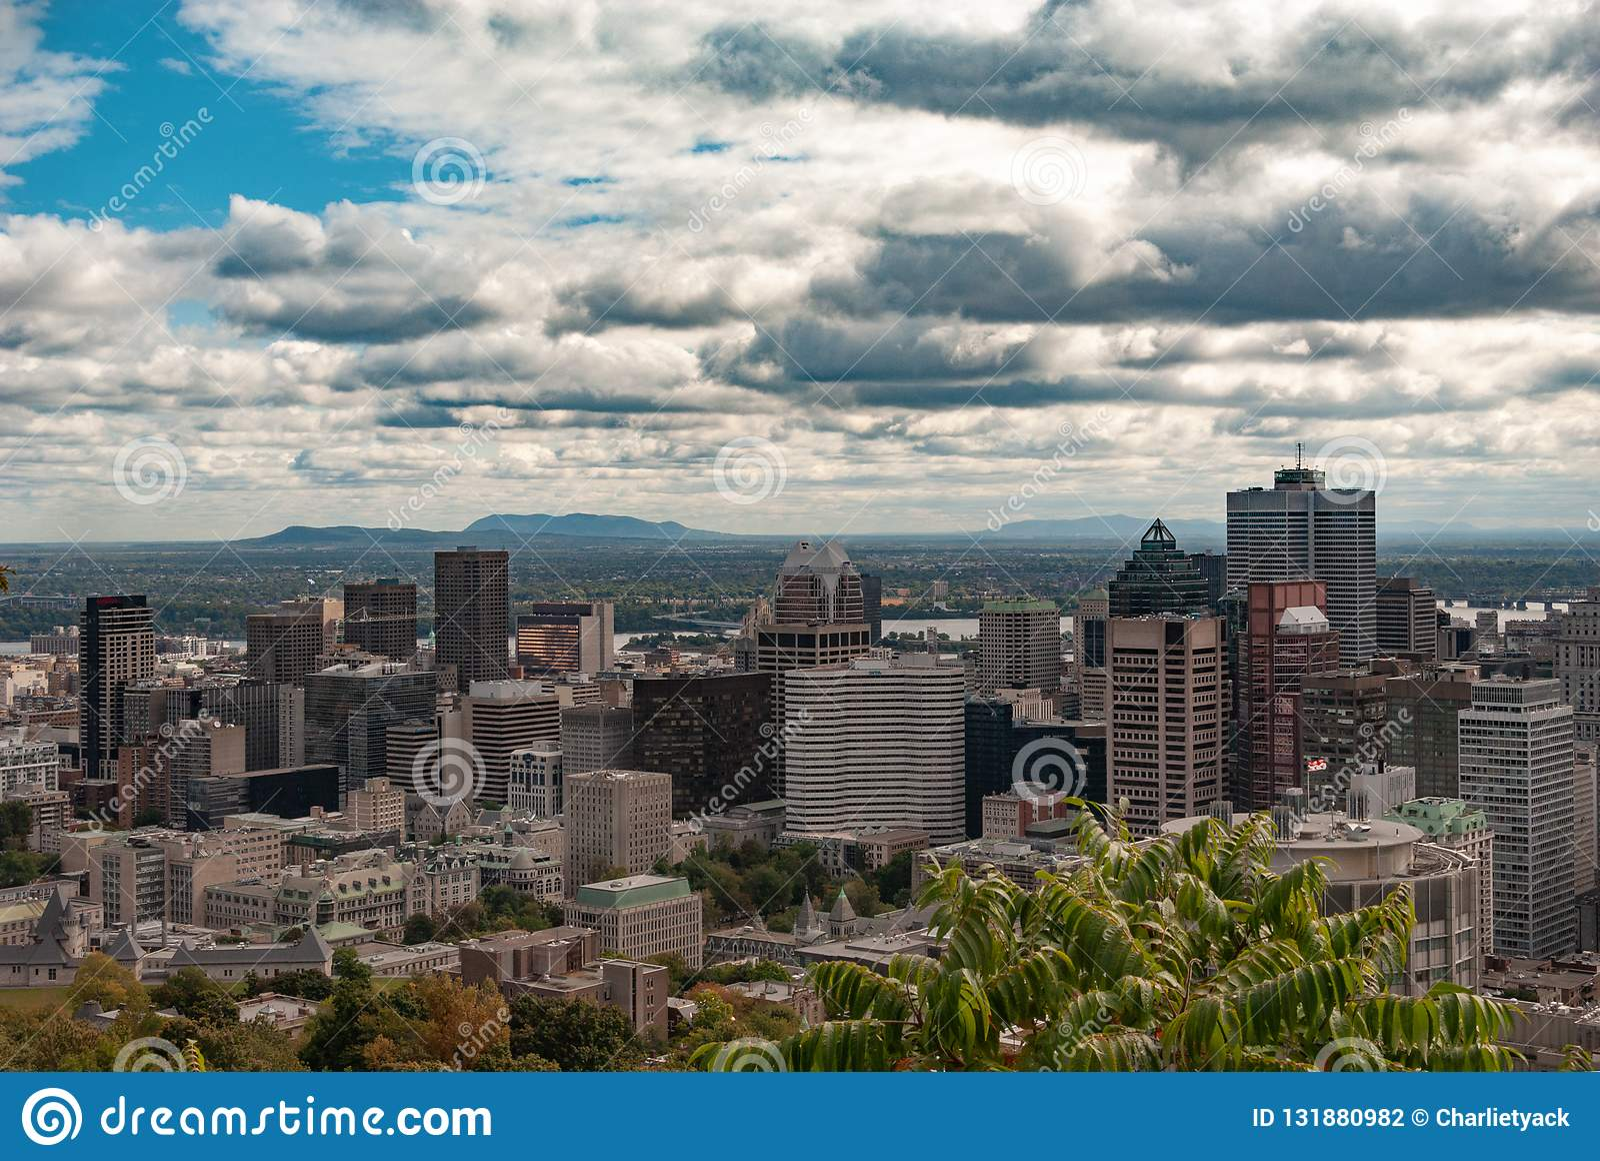 Skyline de Montreal - os arranha-céus do distrito financeiro na cor